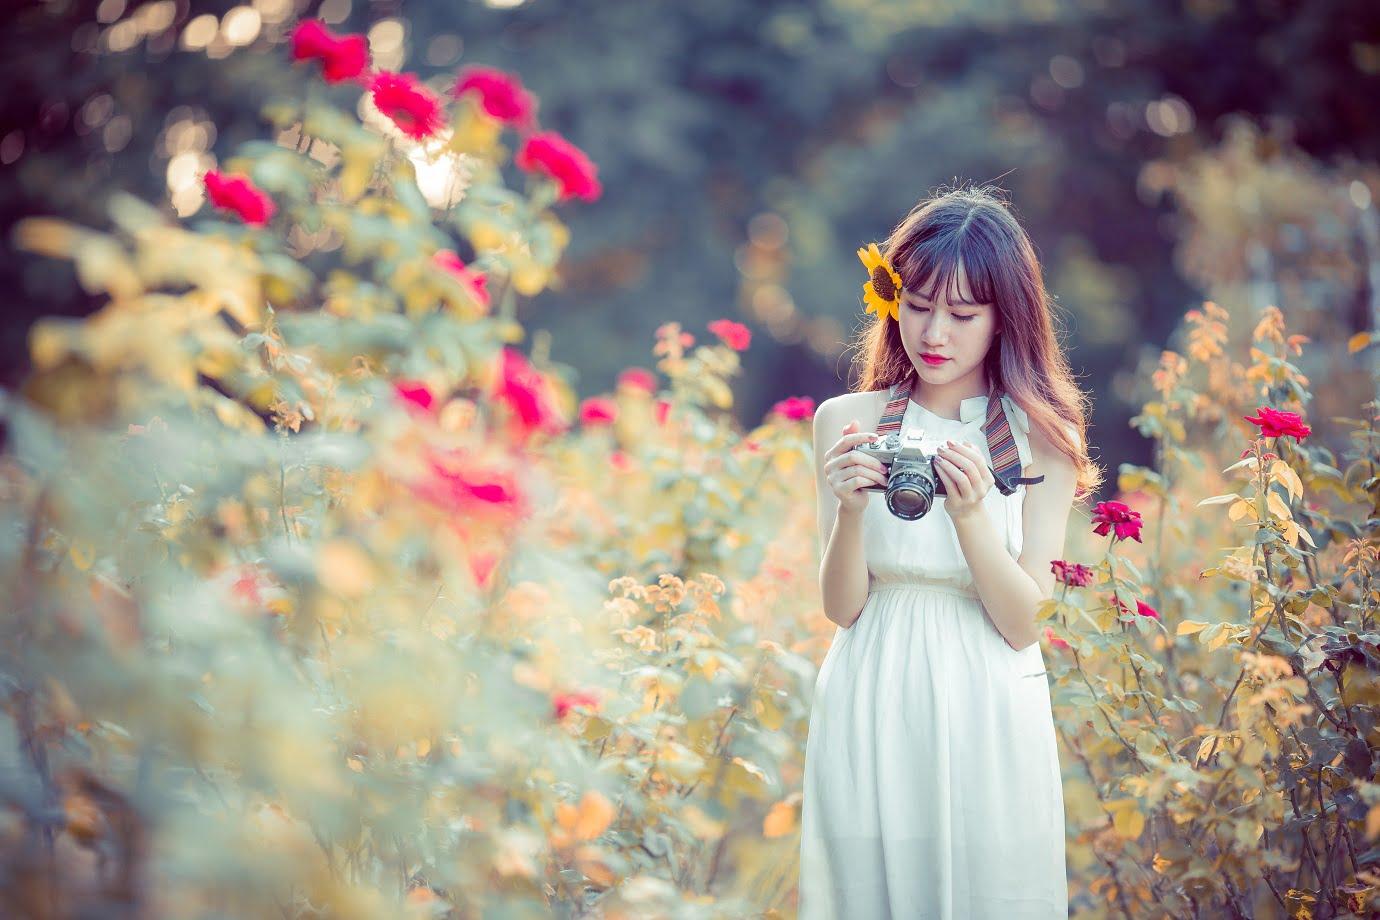 anh chup hoa hong 2 - [Br-Art] Cô bé bên vườn hoa hồng nhỏ